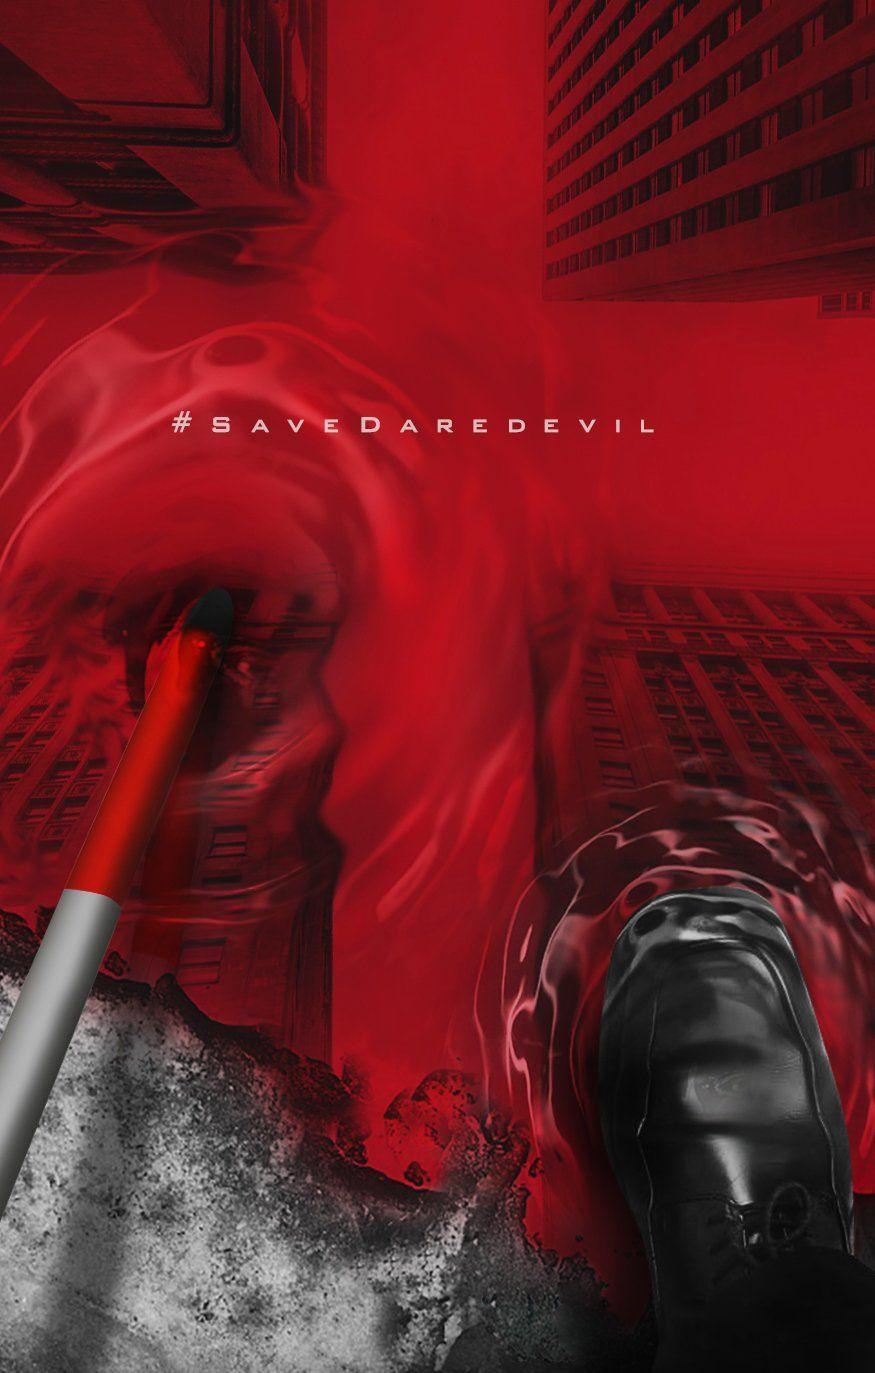 #SaveDaredevil 'SalveDemolidor' no Twitter se reagrupa enquanto a Disney recupera os direitos da Netflix 1